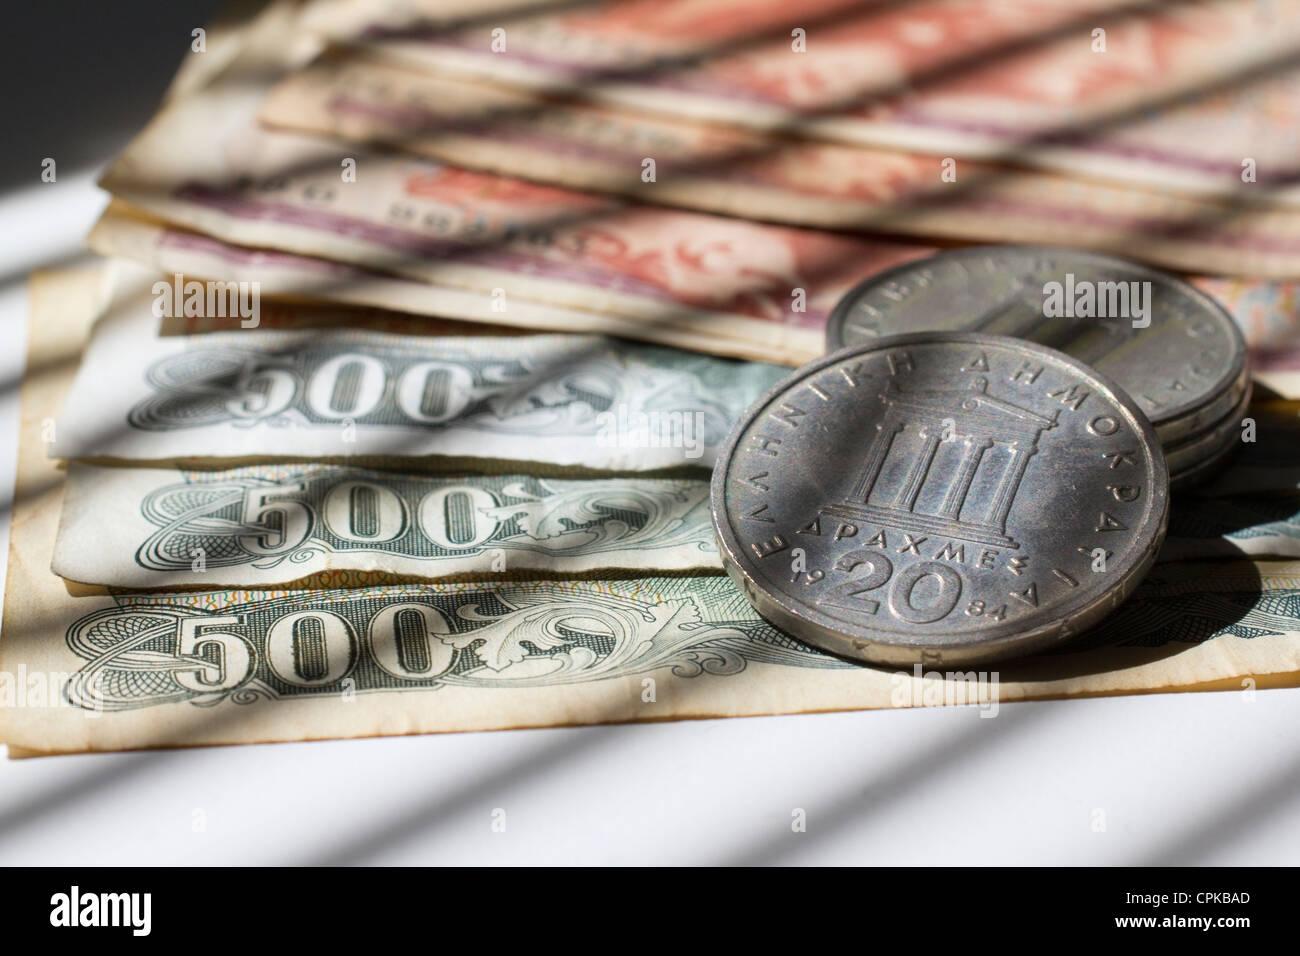 Divisa dracma dracmas dracmas dinero en efectivo son la moneda de Grecia anterior Imagen De Stock